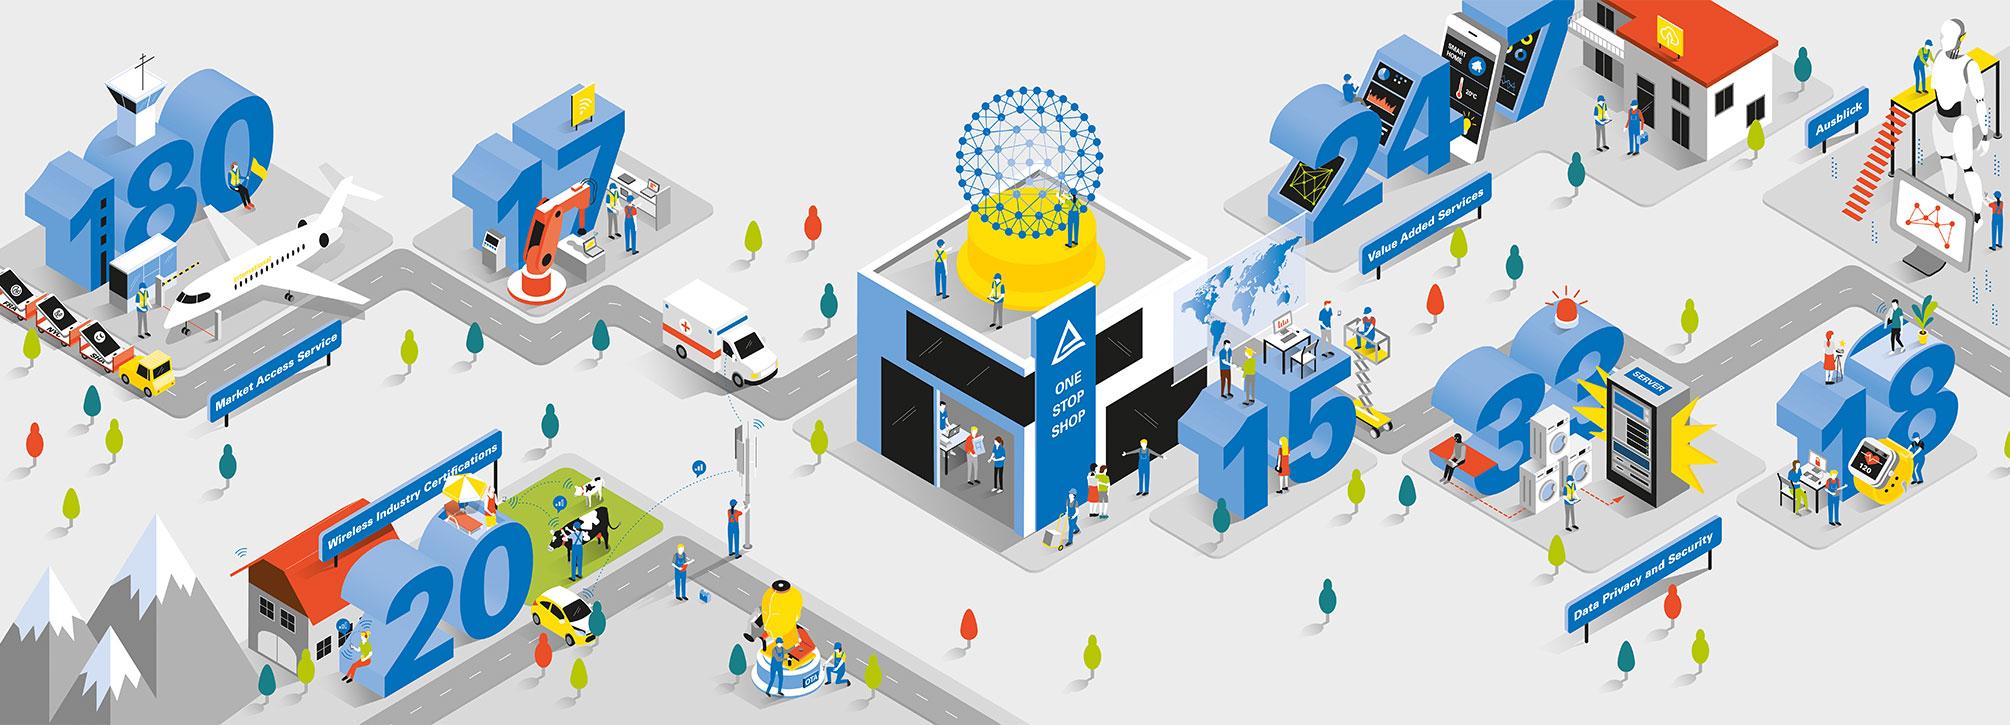 TÜV Rheinland Infografik Infographic Illustration Internet of Things Innenseiten inner pages